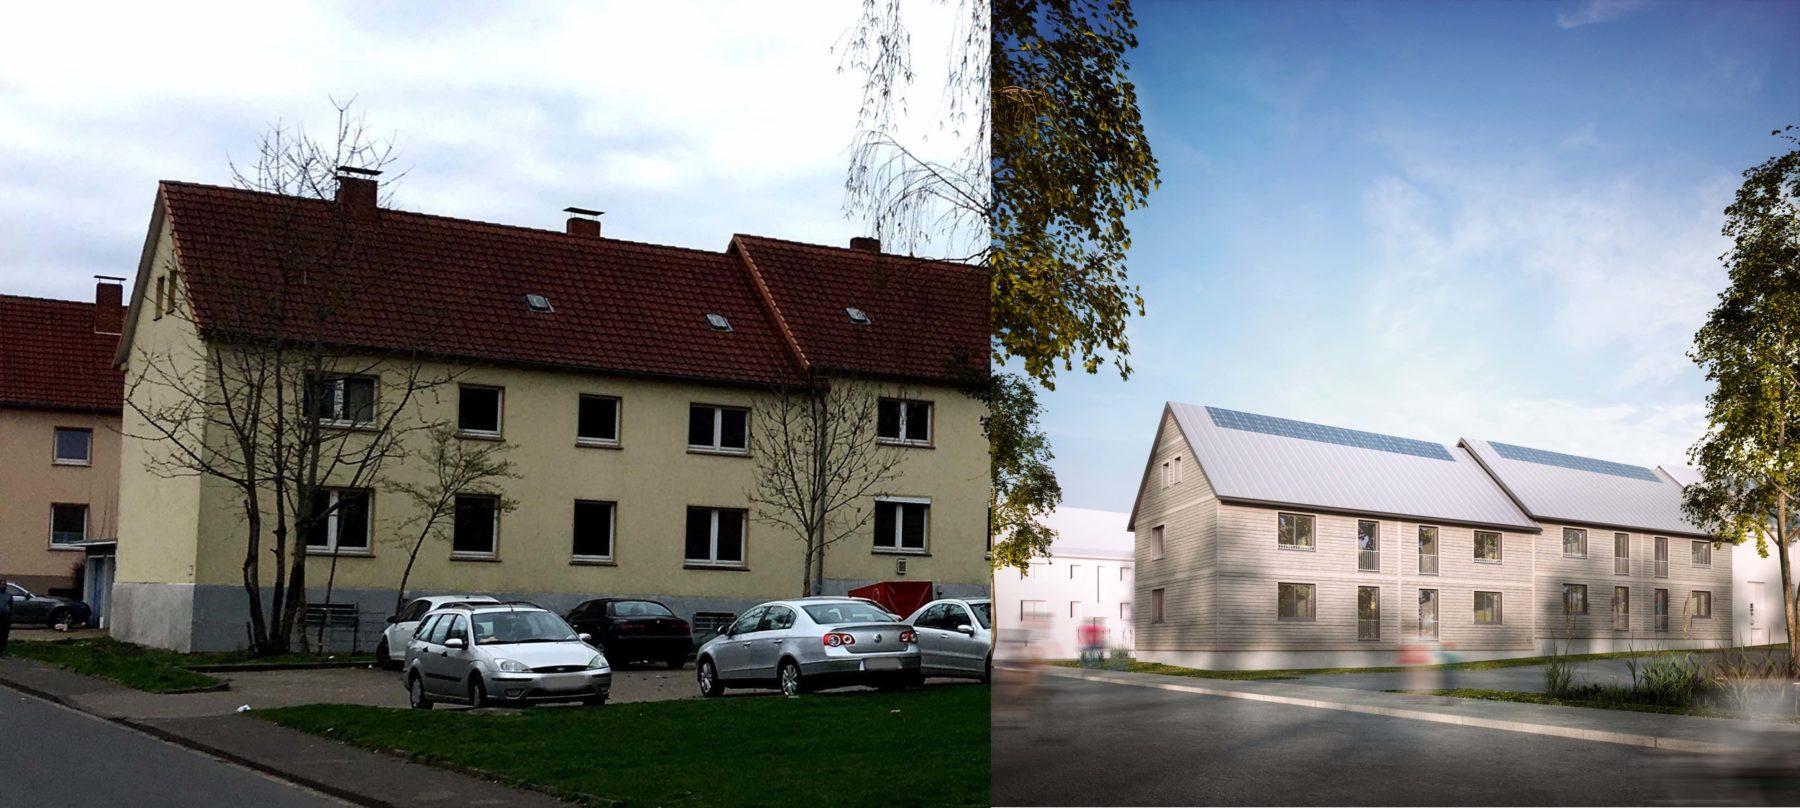 In Hameln werden gerade die ersten deutschen Mehrfamilienhäuser seriell saniert. Foto: ecoworks GmbH